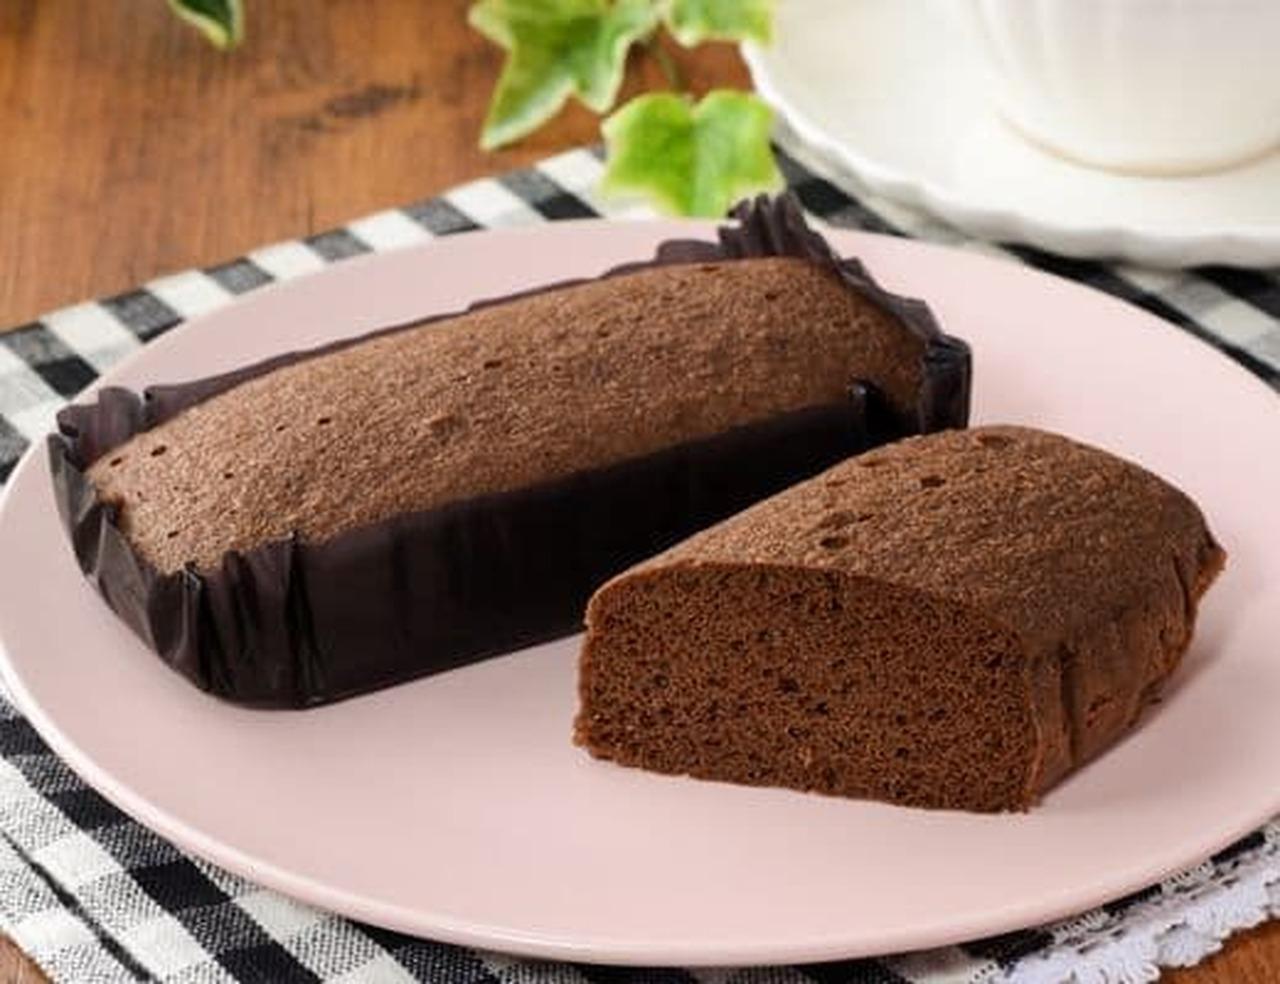 ローソン「NL たんぱく質が摂れるチョコ蒸しケーキ」